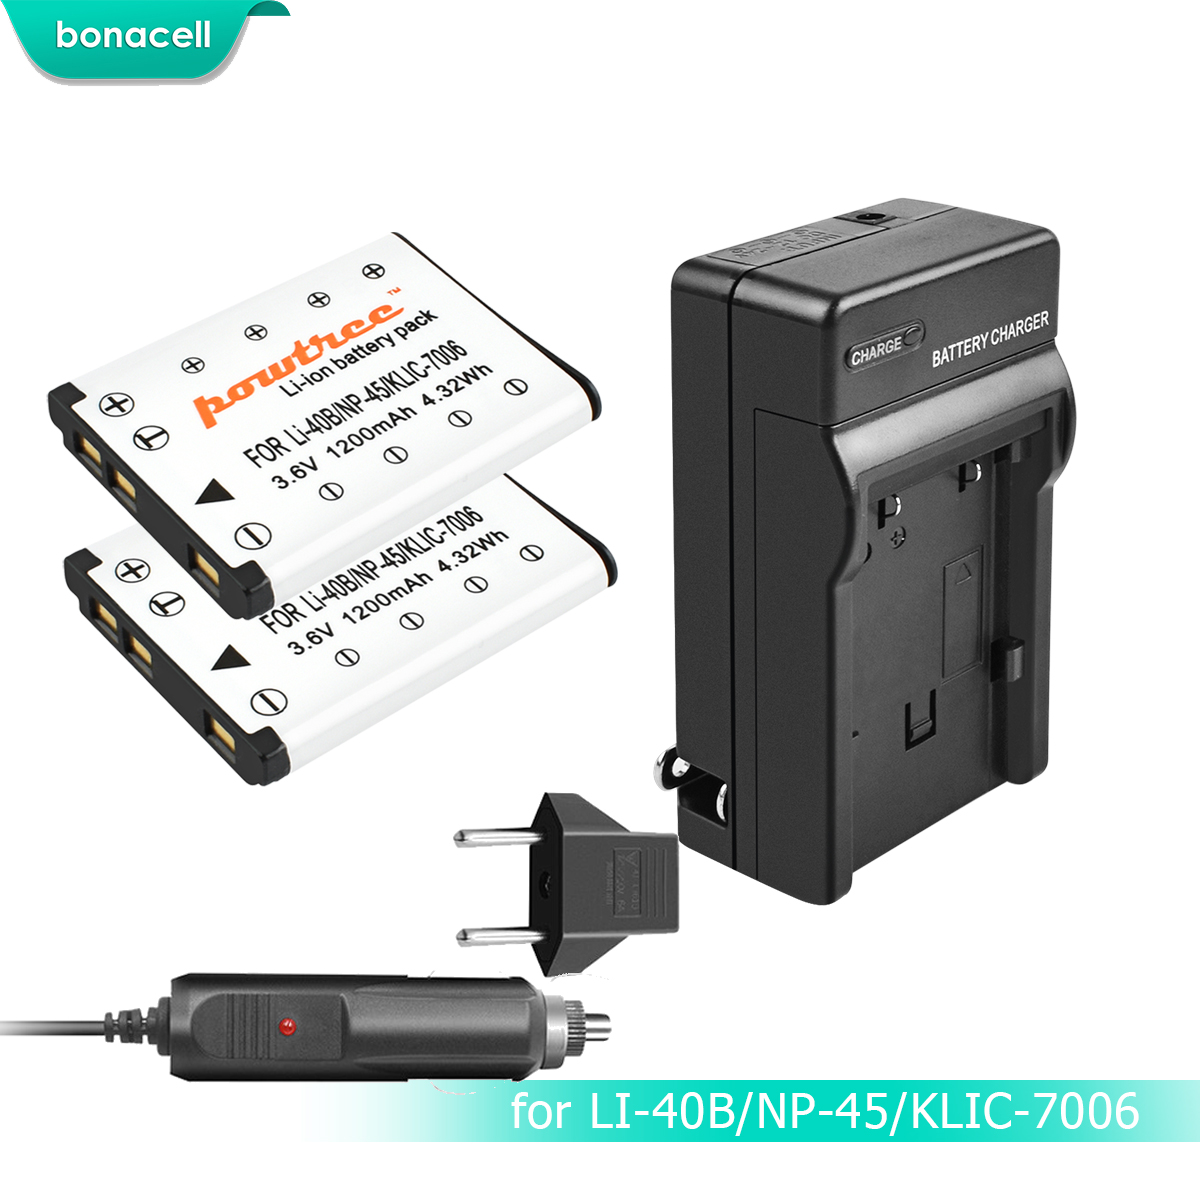 Bundle /Ver Lista de compatibilidad 2/Bater/ías Cargador para Fuji Fujifilm NP-45/